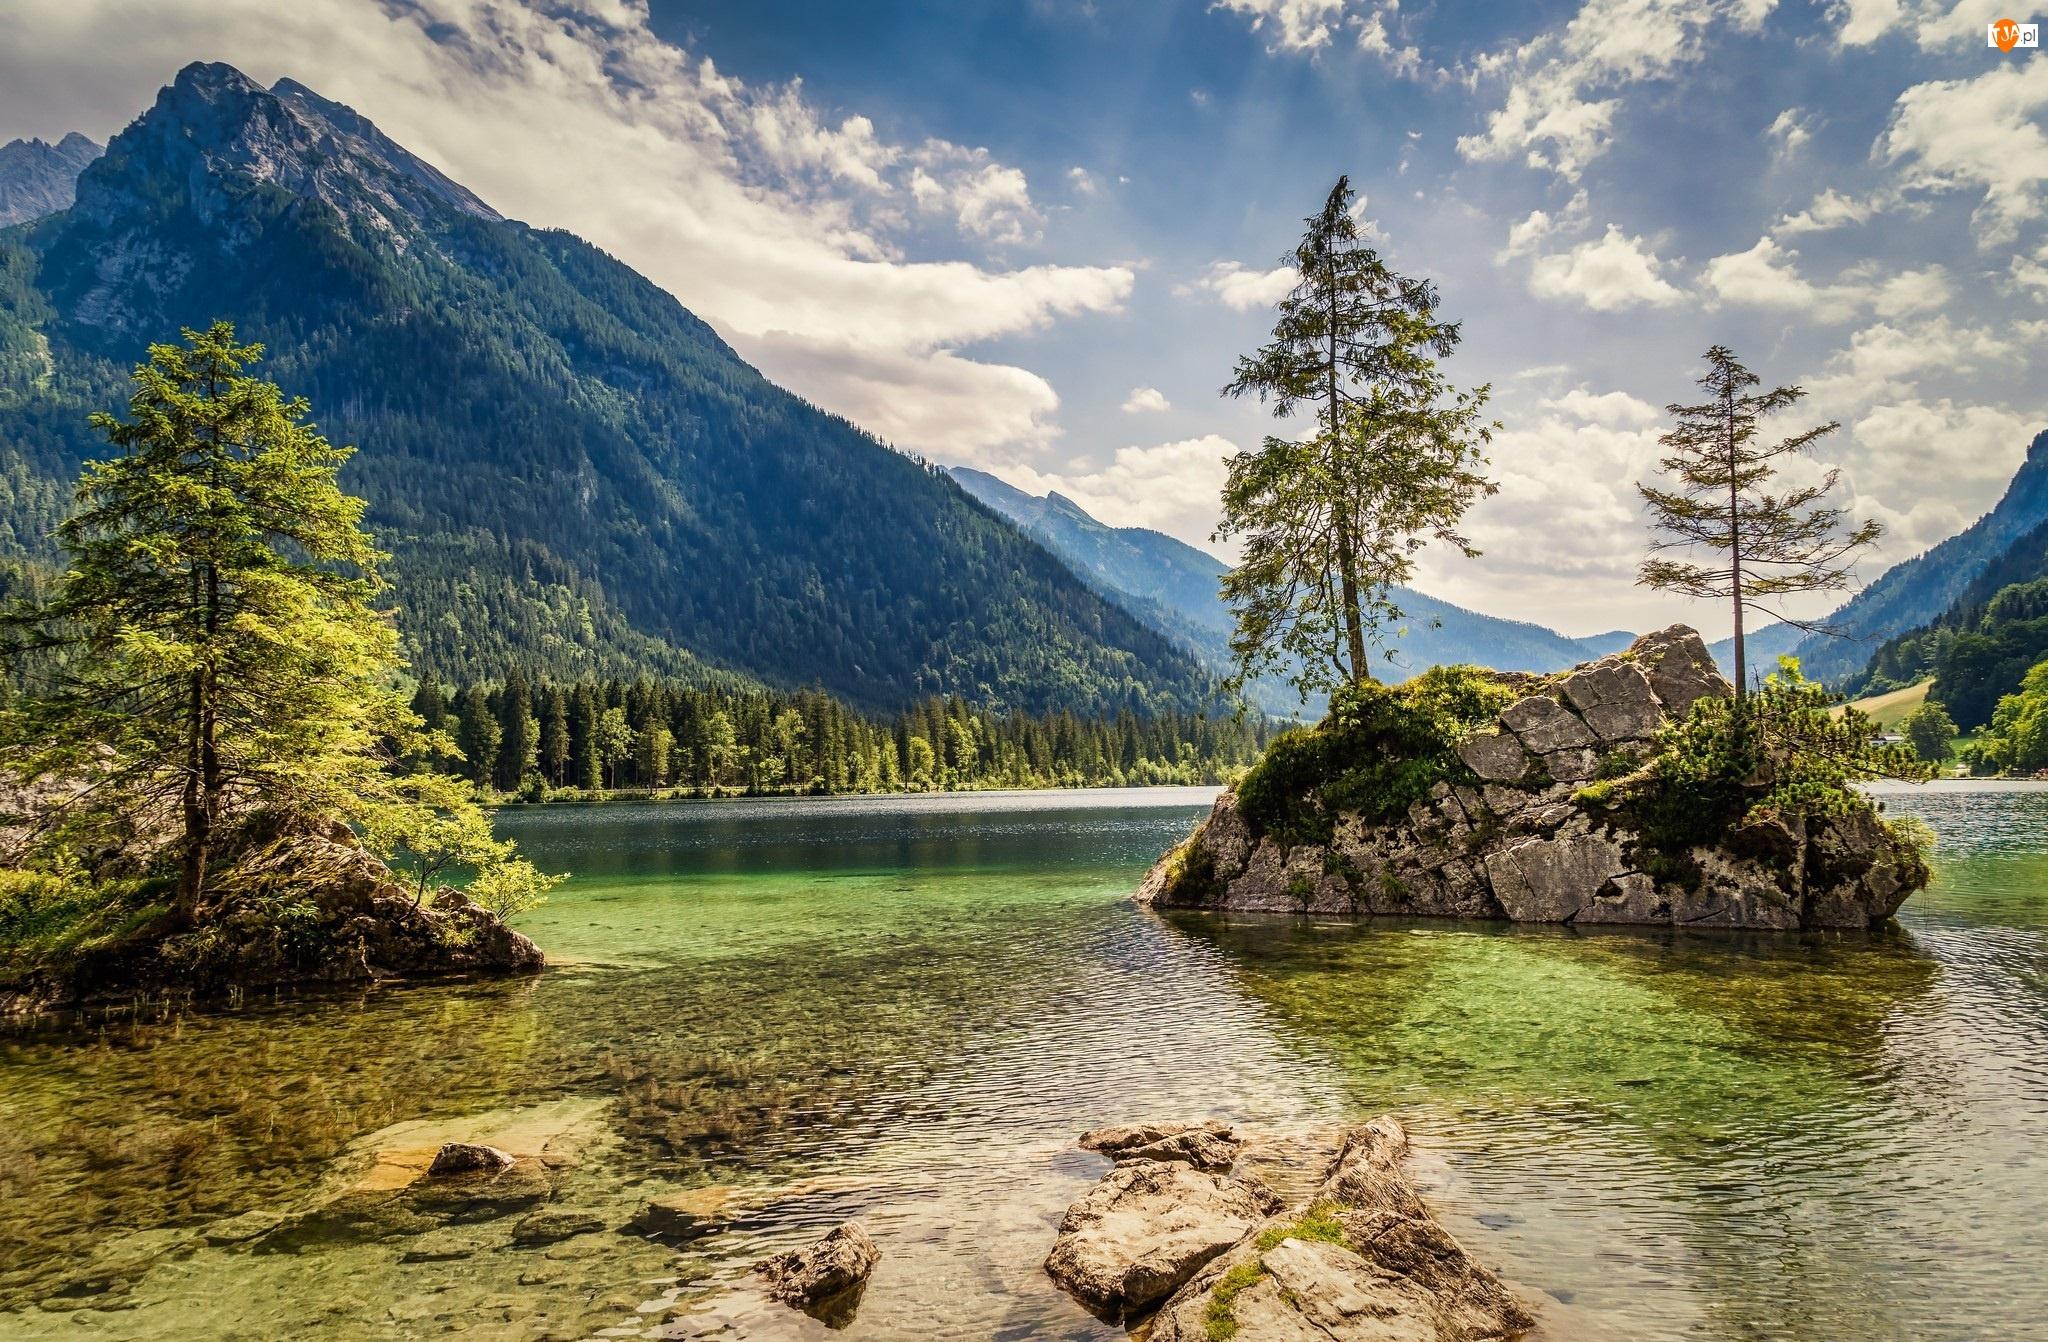 Domy, Jezioro Hintersee, Góry Alpy, Bawaria, Drzewa, Mgła, Niemcy, Skały